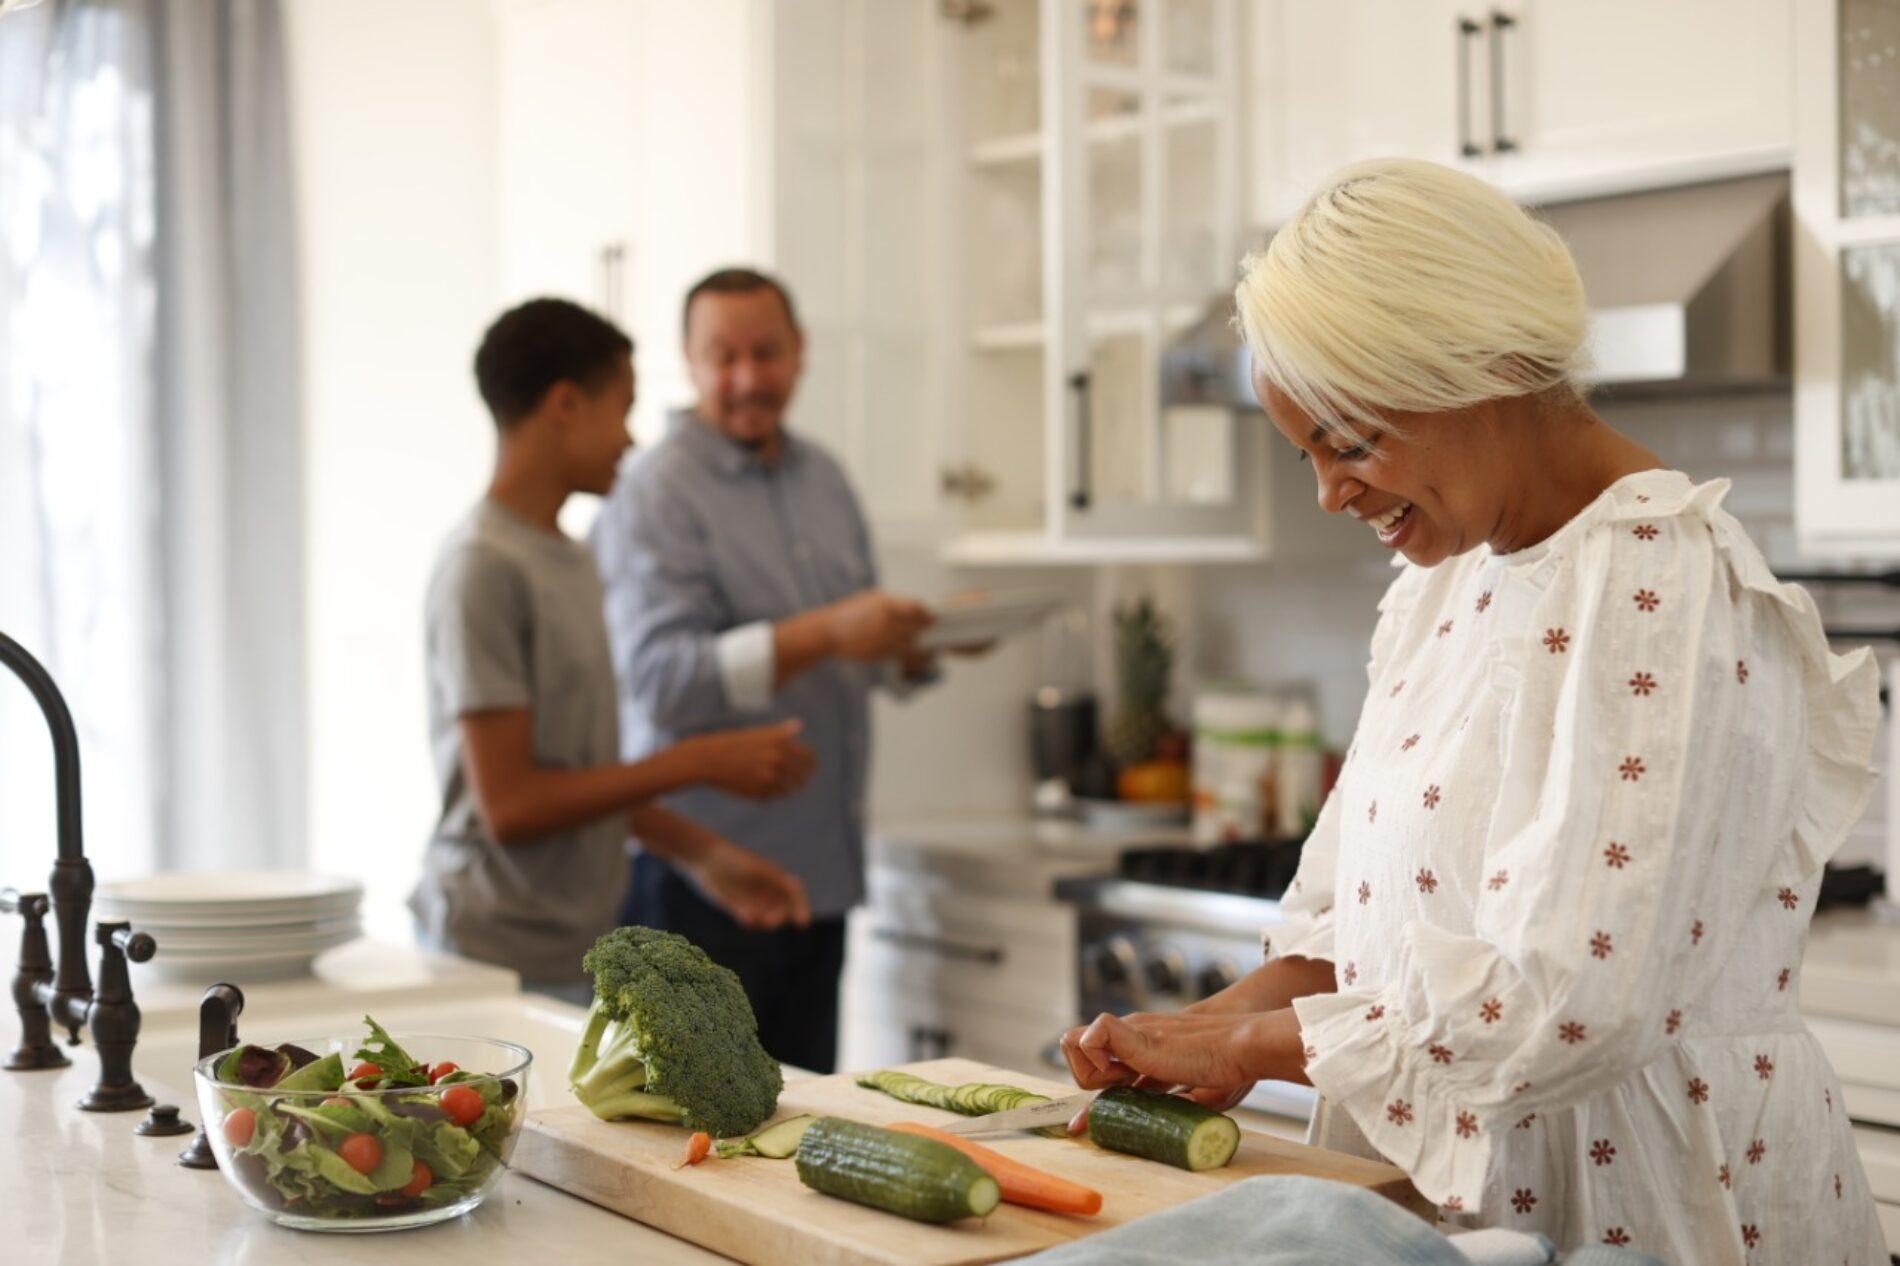 Alimentación consciente para una vida saludable